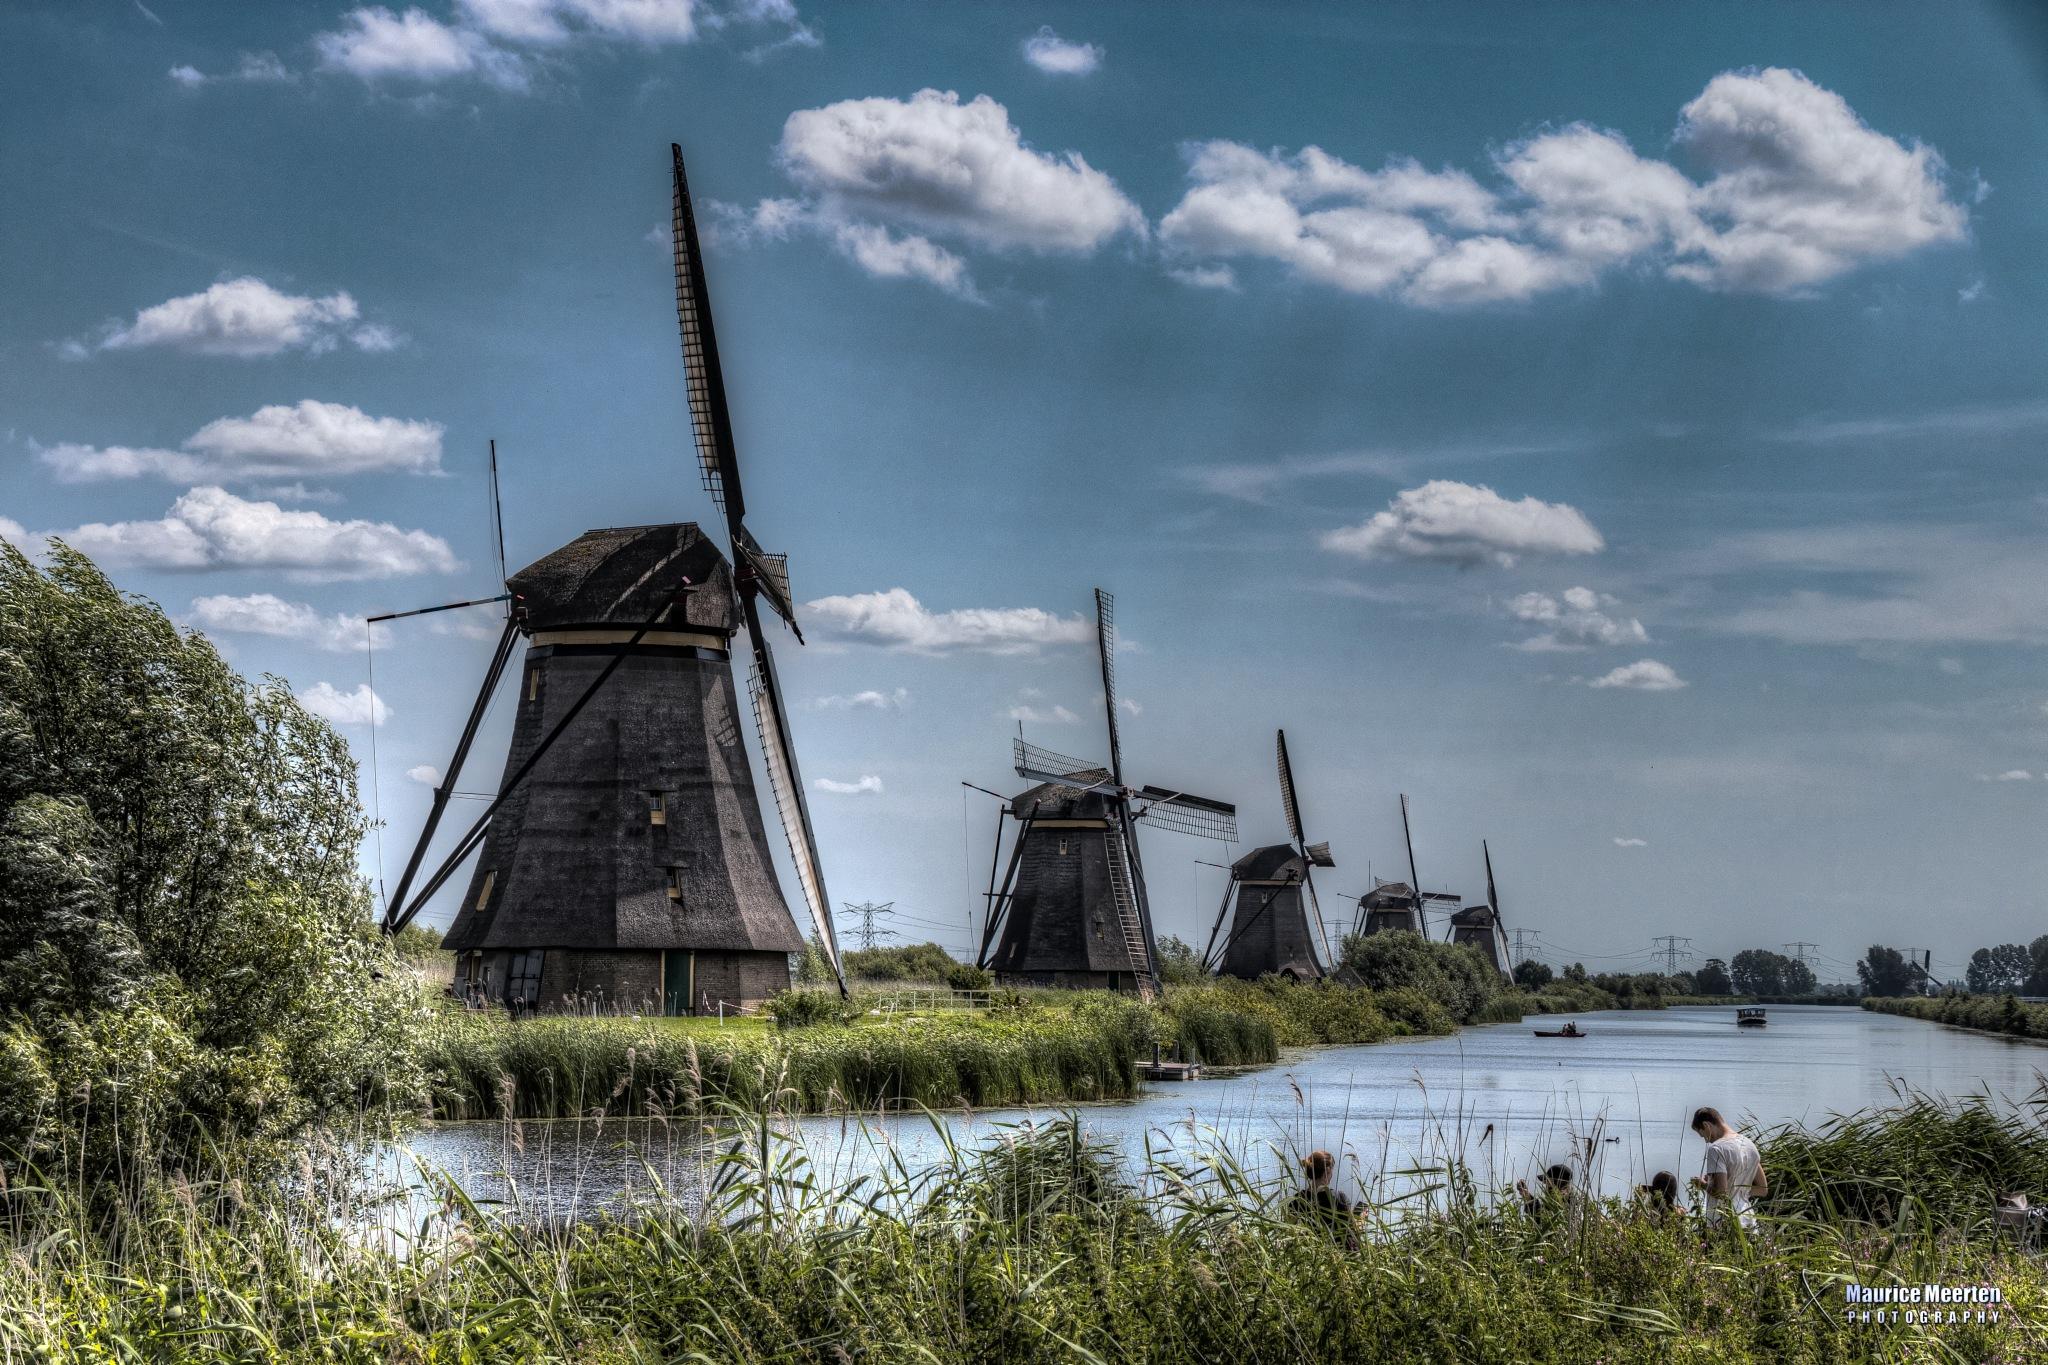 Mills @ Kinderdijk  /  Molens in Kinderdijk by Maurice Meerten